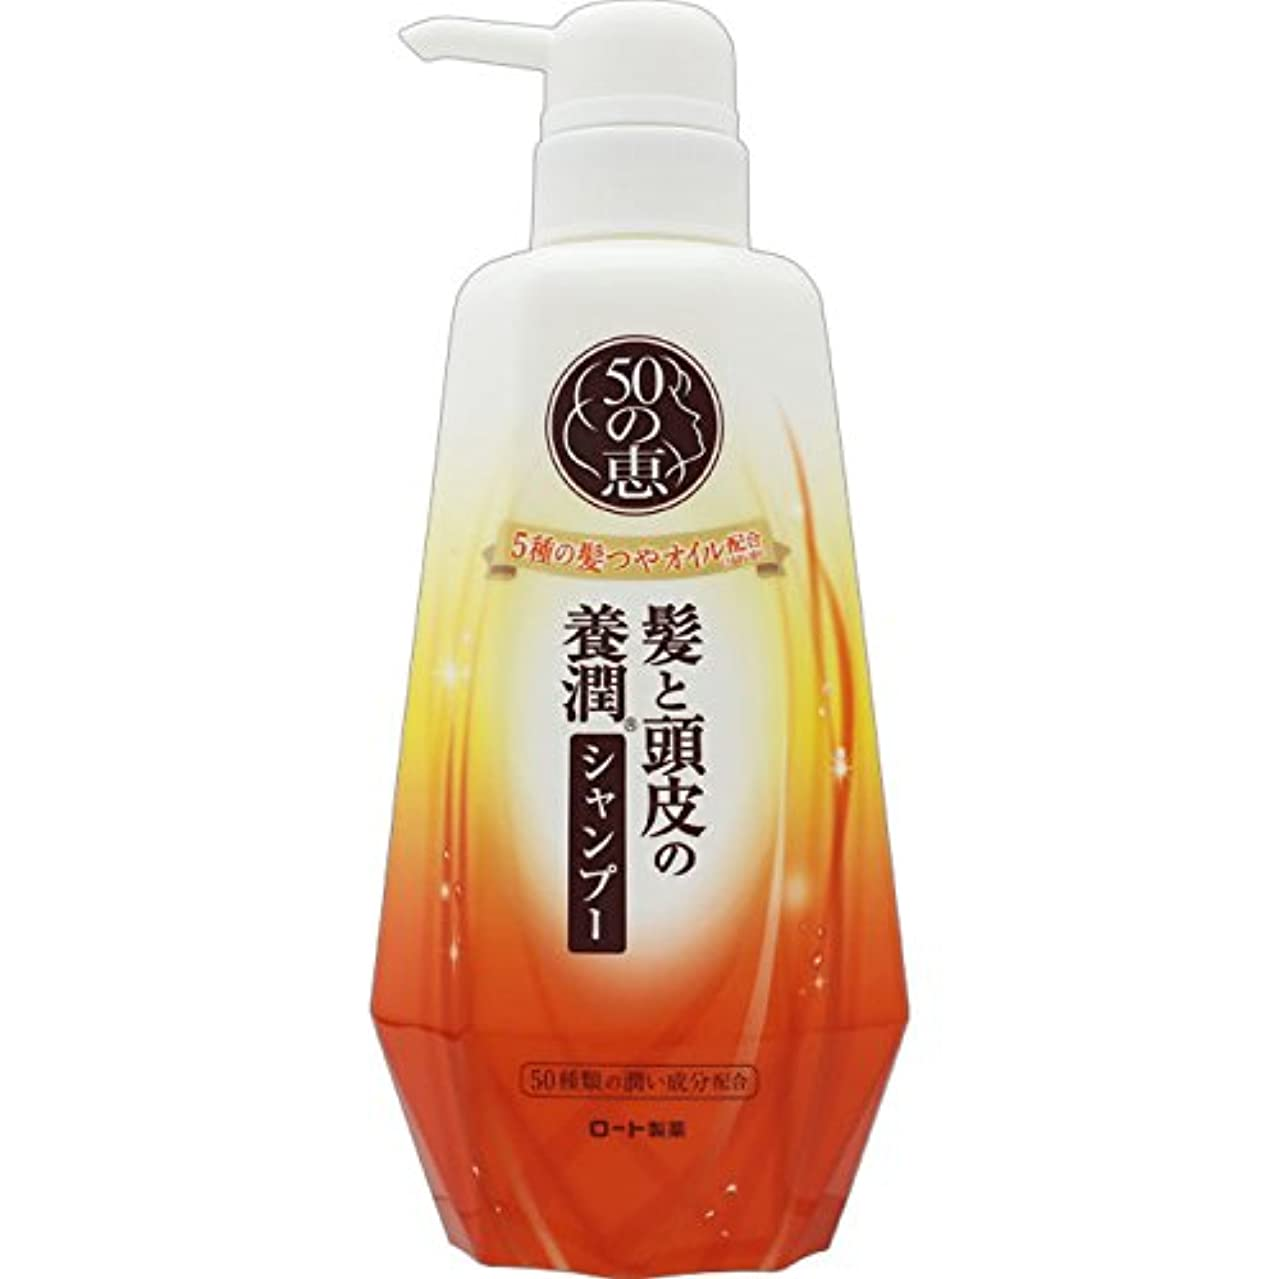 赤外線アセンブリダルセットロート製薬 50の恵エイジングケア 髪と頭皮の養潤シャンプー 400mL